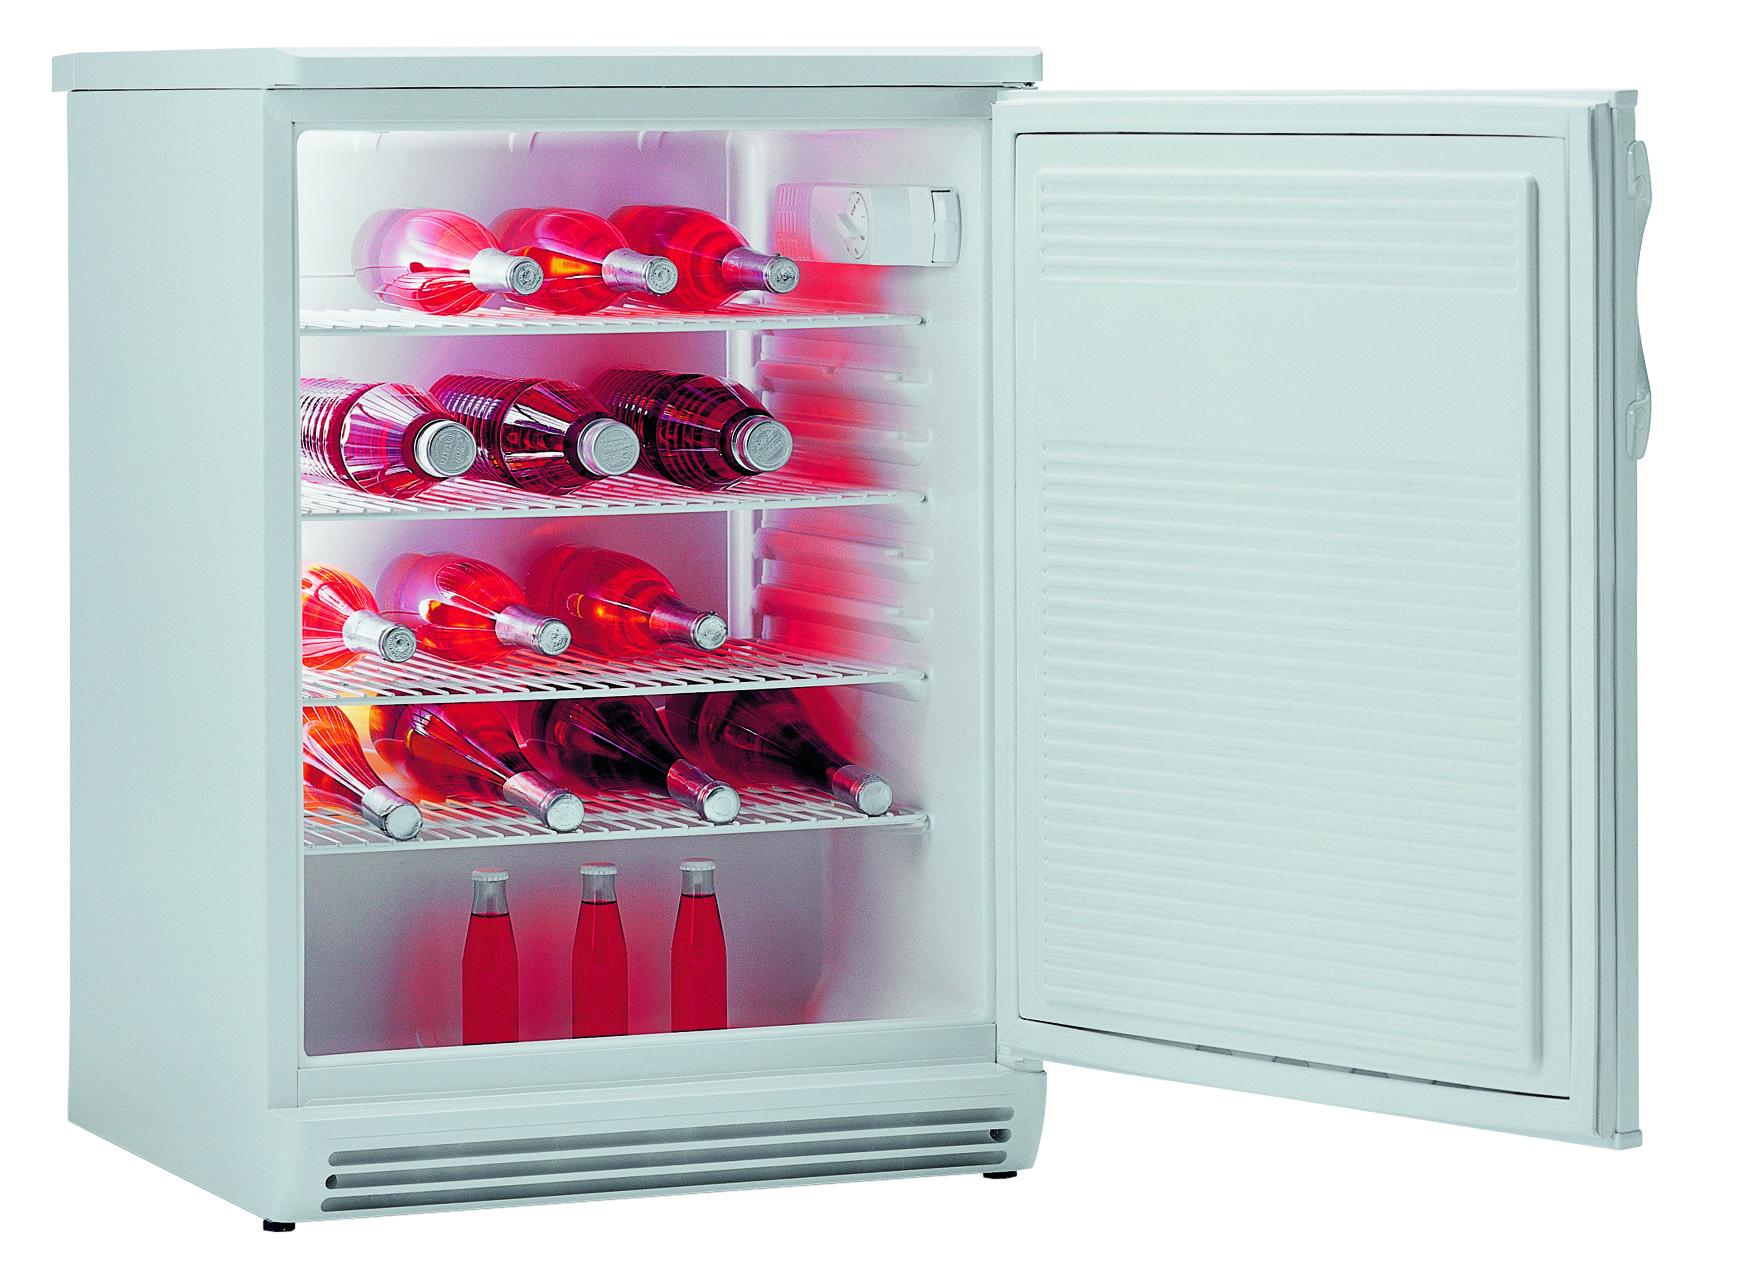 Gorenje Kühlschrank Unterbaufähig : Gorenje rvc w stand flaschenkühlschrank energieeffizienzklasse